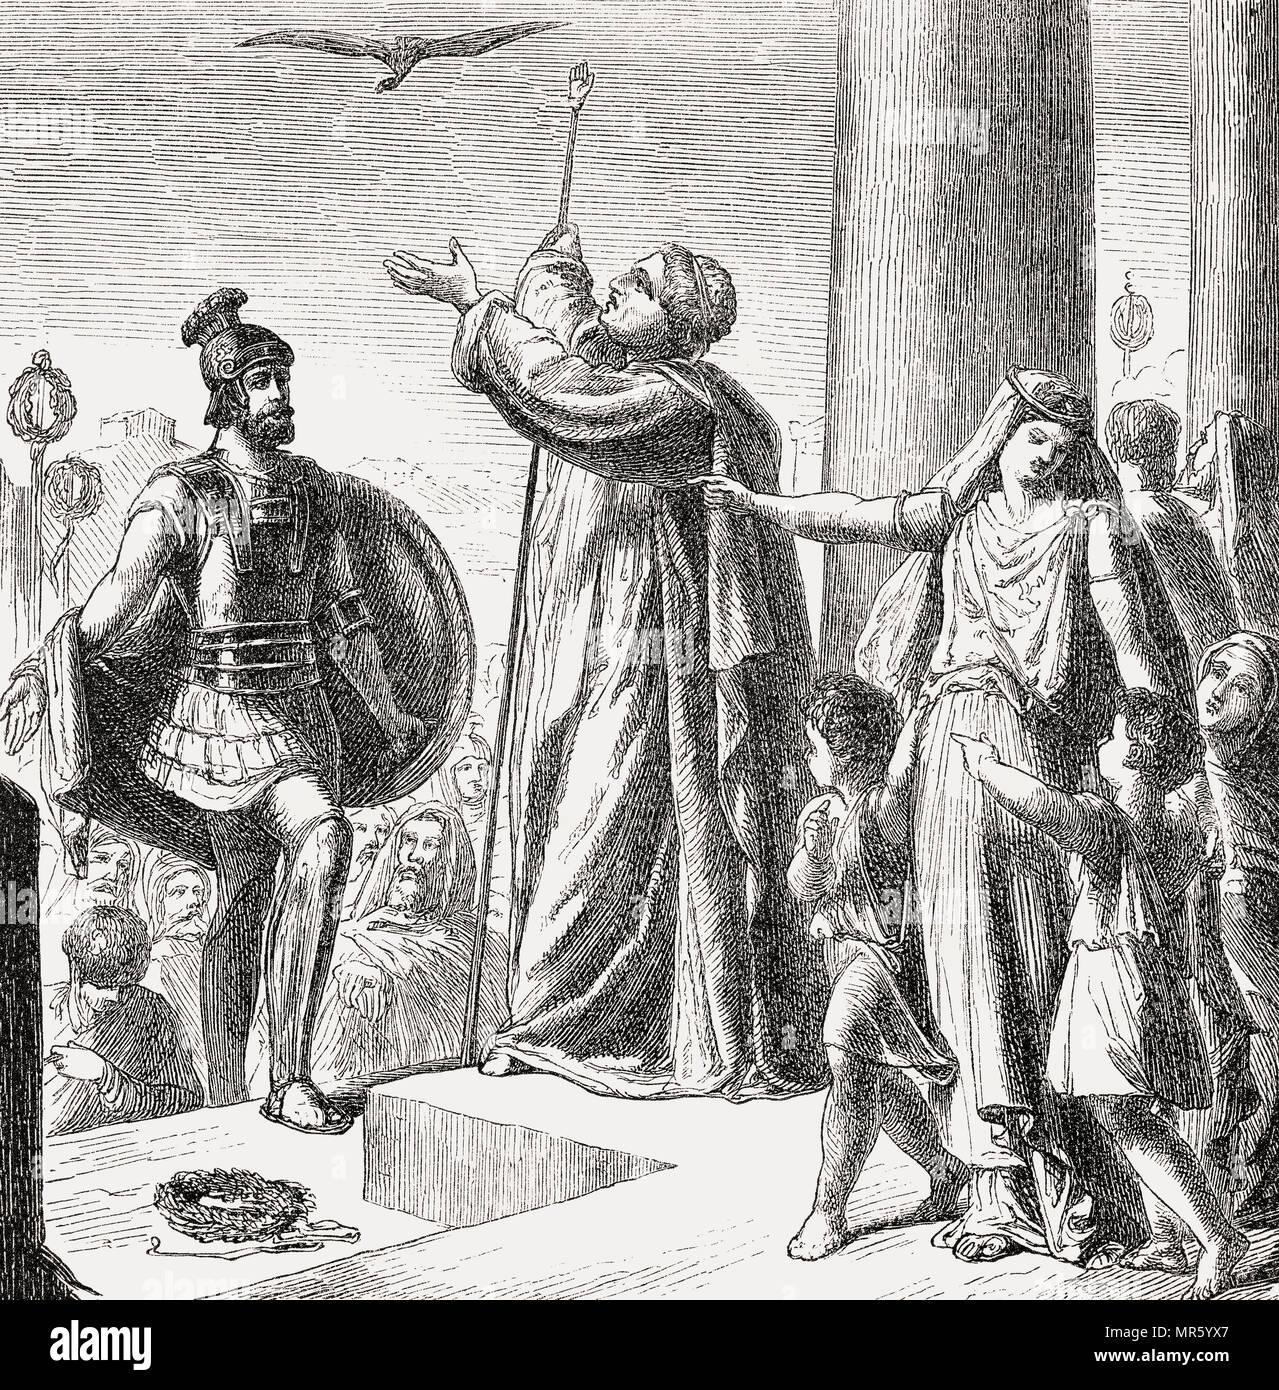 Ancus Marcius, quarto re di Roma in onore di Lucio Tarquinio Prisco, quinto re di Roma Immagini Stock